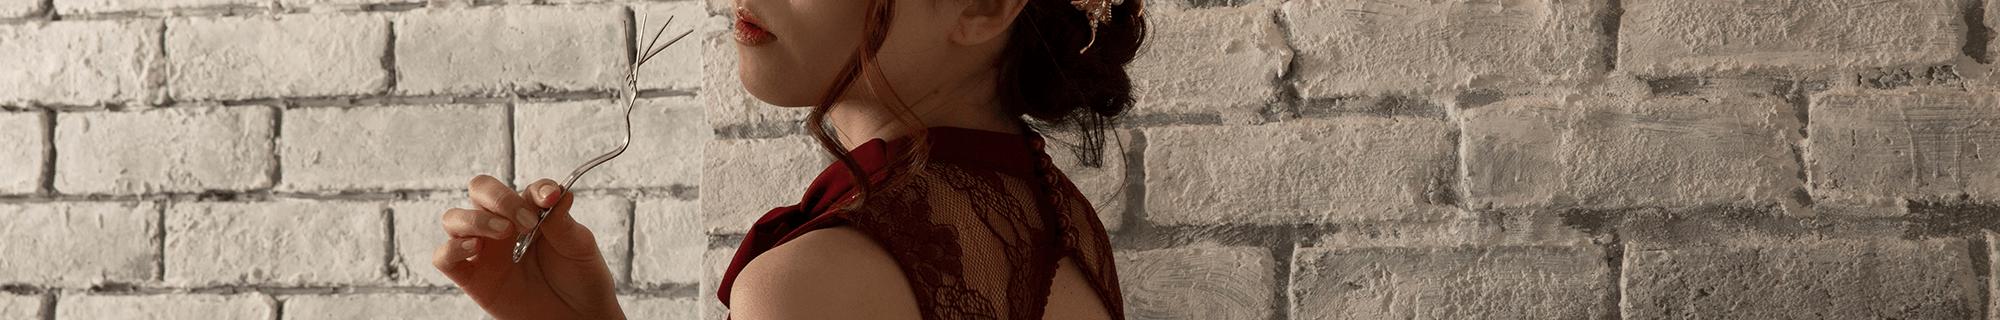 マジシャン叶音|女性マジシャン